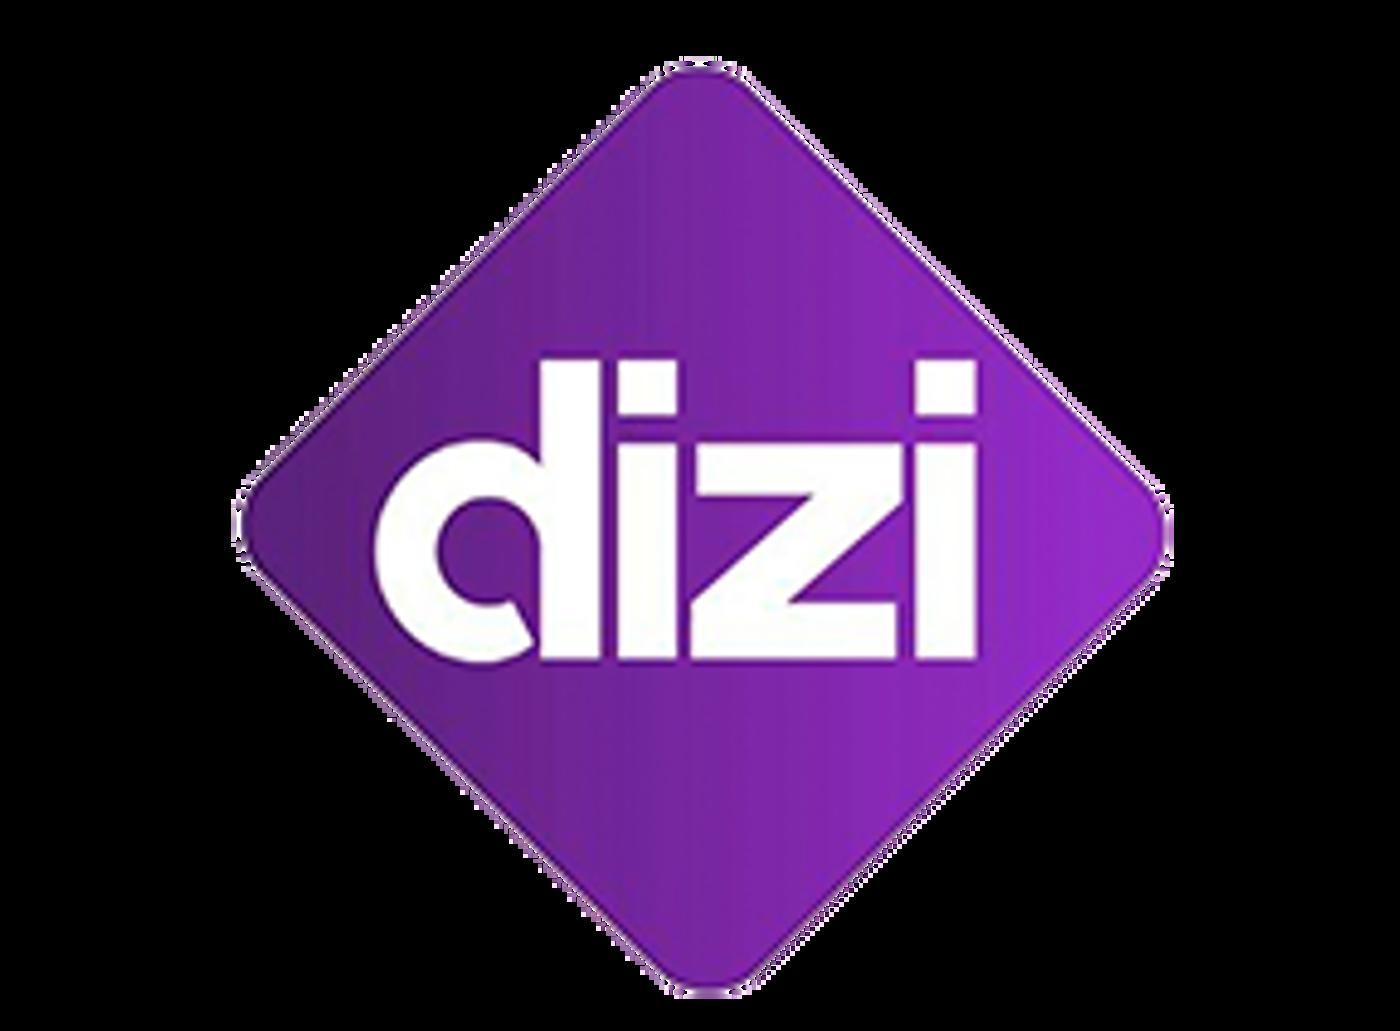 Logo_Ribbon_Mitele_288x212